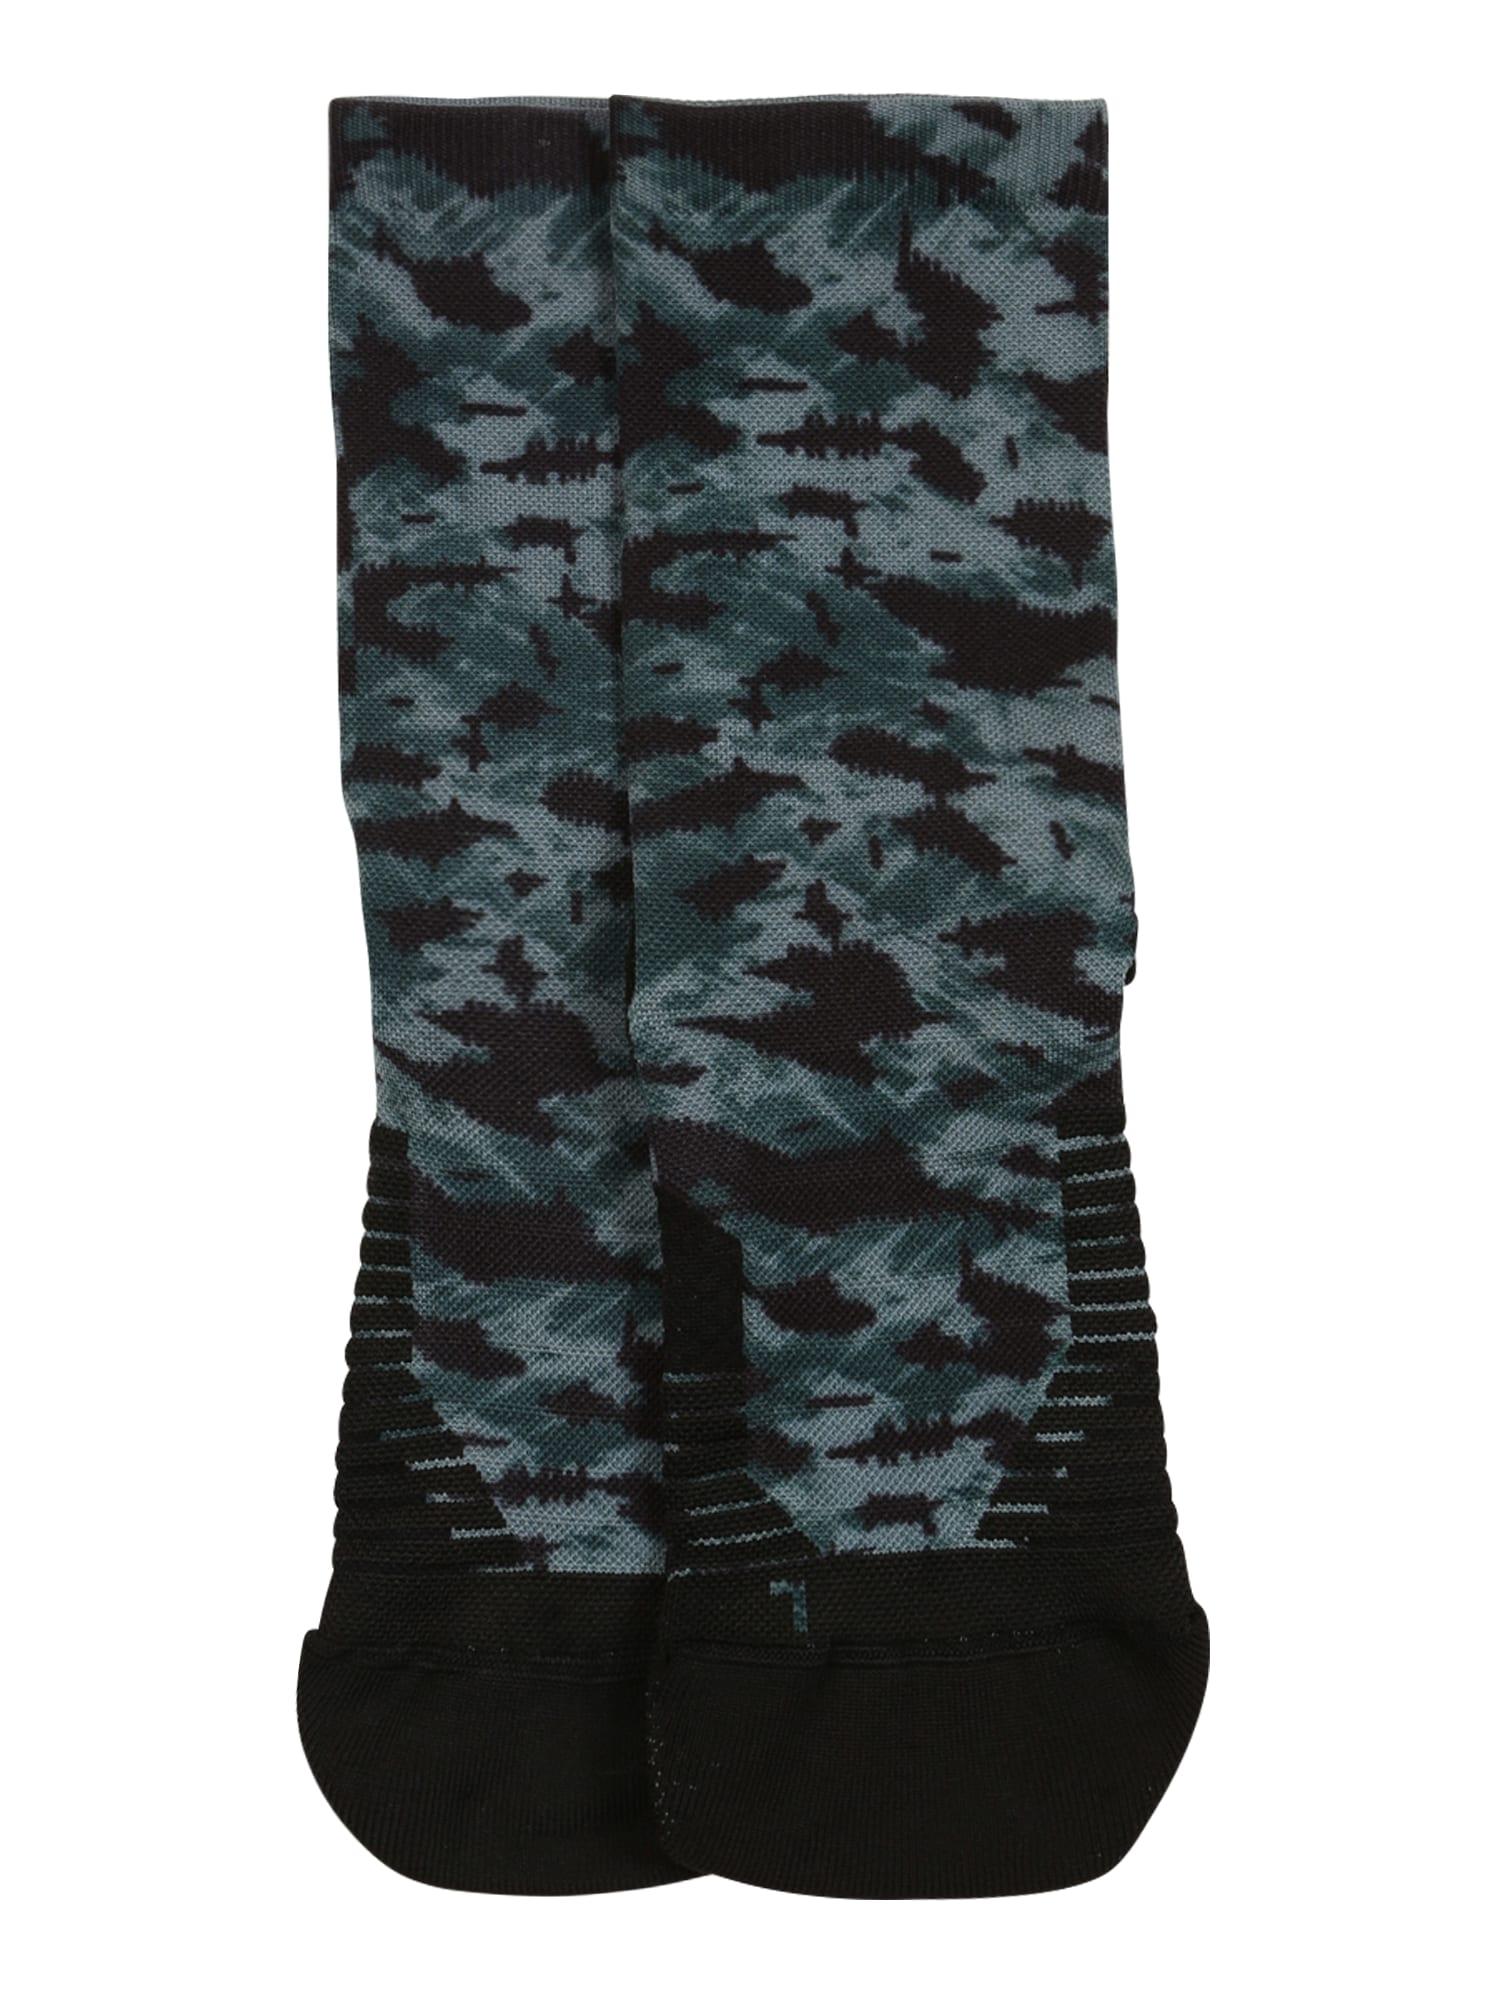 UNDER ARMOUR Sportinės kojinės juoda / žalia